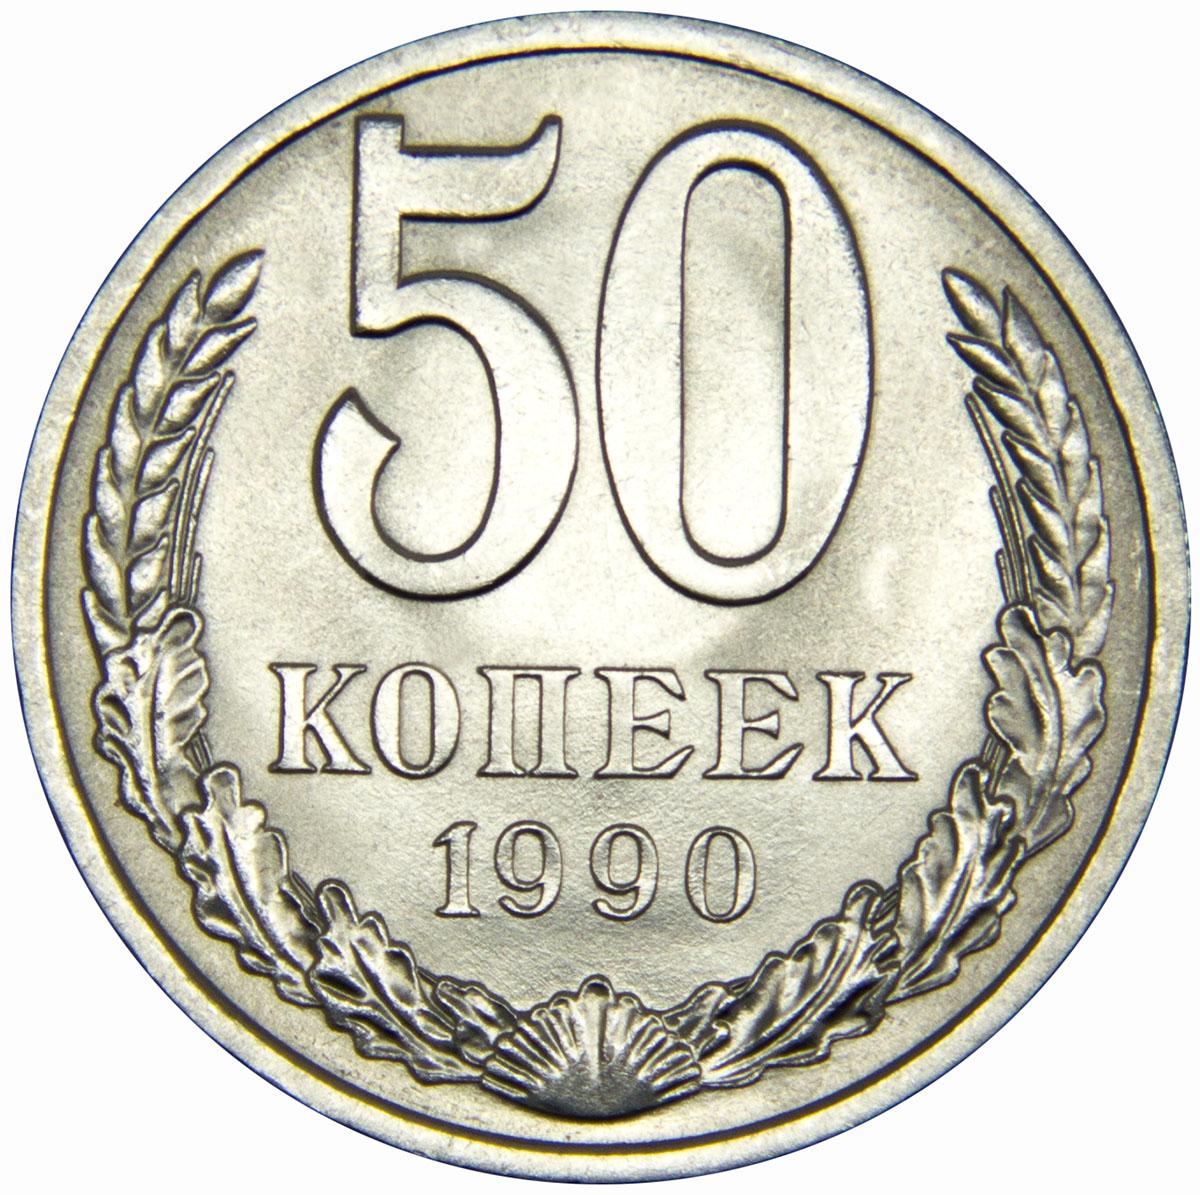 Монета номиналом 50 копеек. Медно-никелевый сплав. Сохранность XF. СССР, 1990 годОС27728Диаметр монеты: 24 мм Вес: 4,4 г. Материал: медь-никель Гурт: надпись